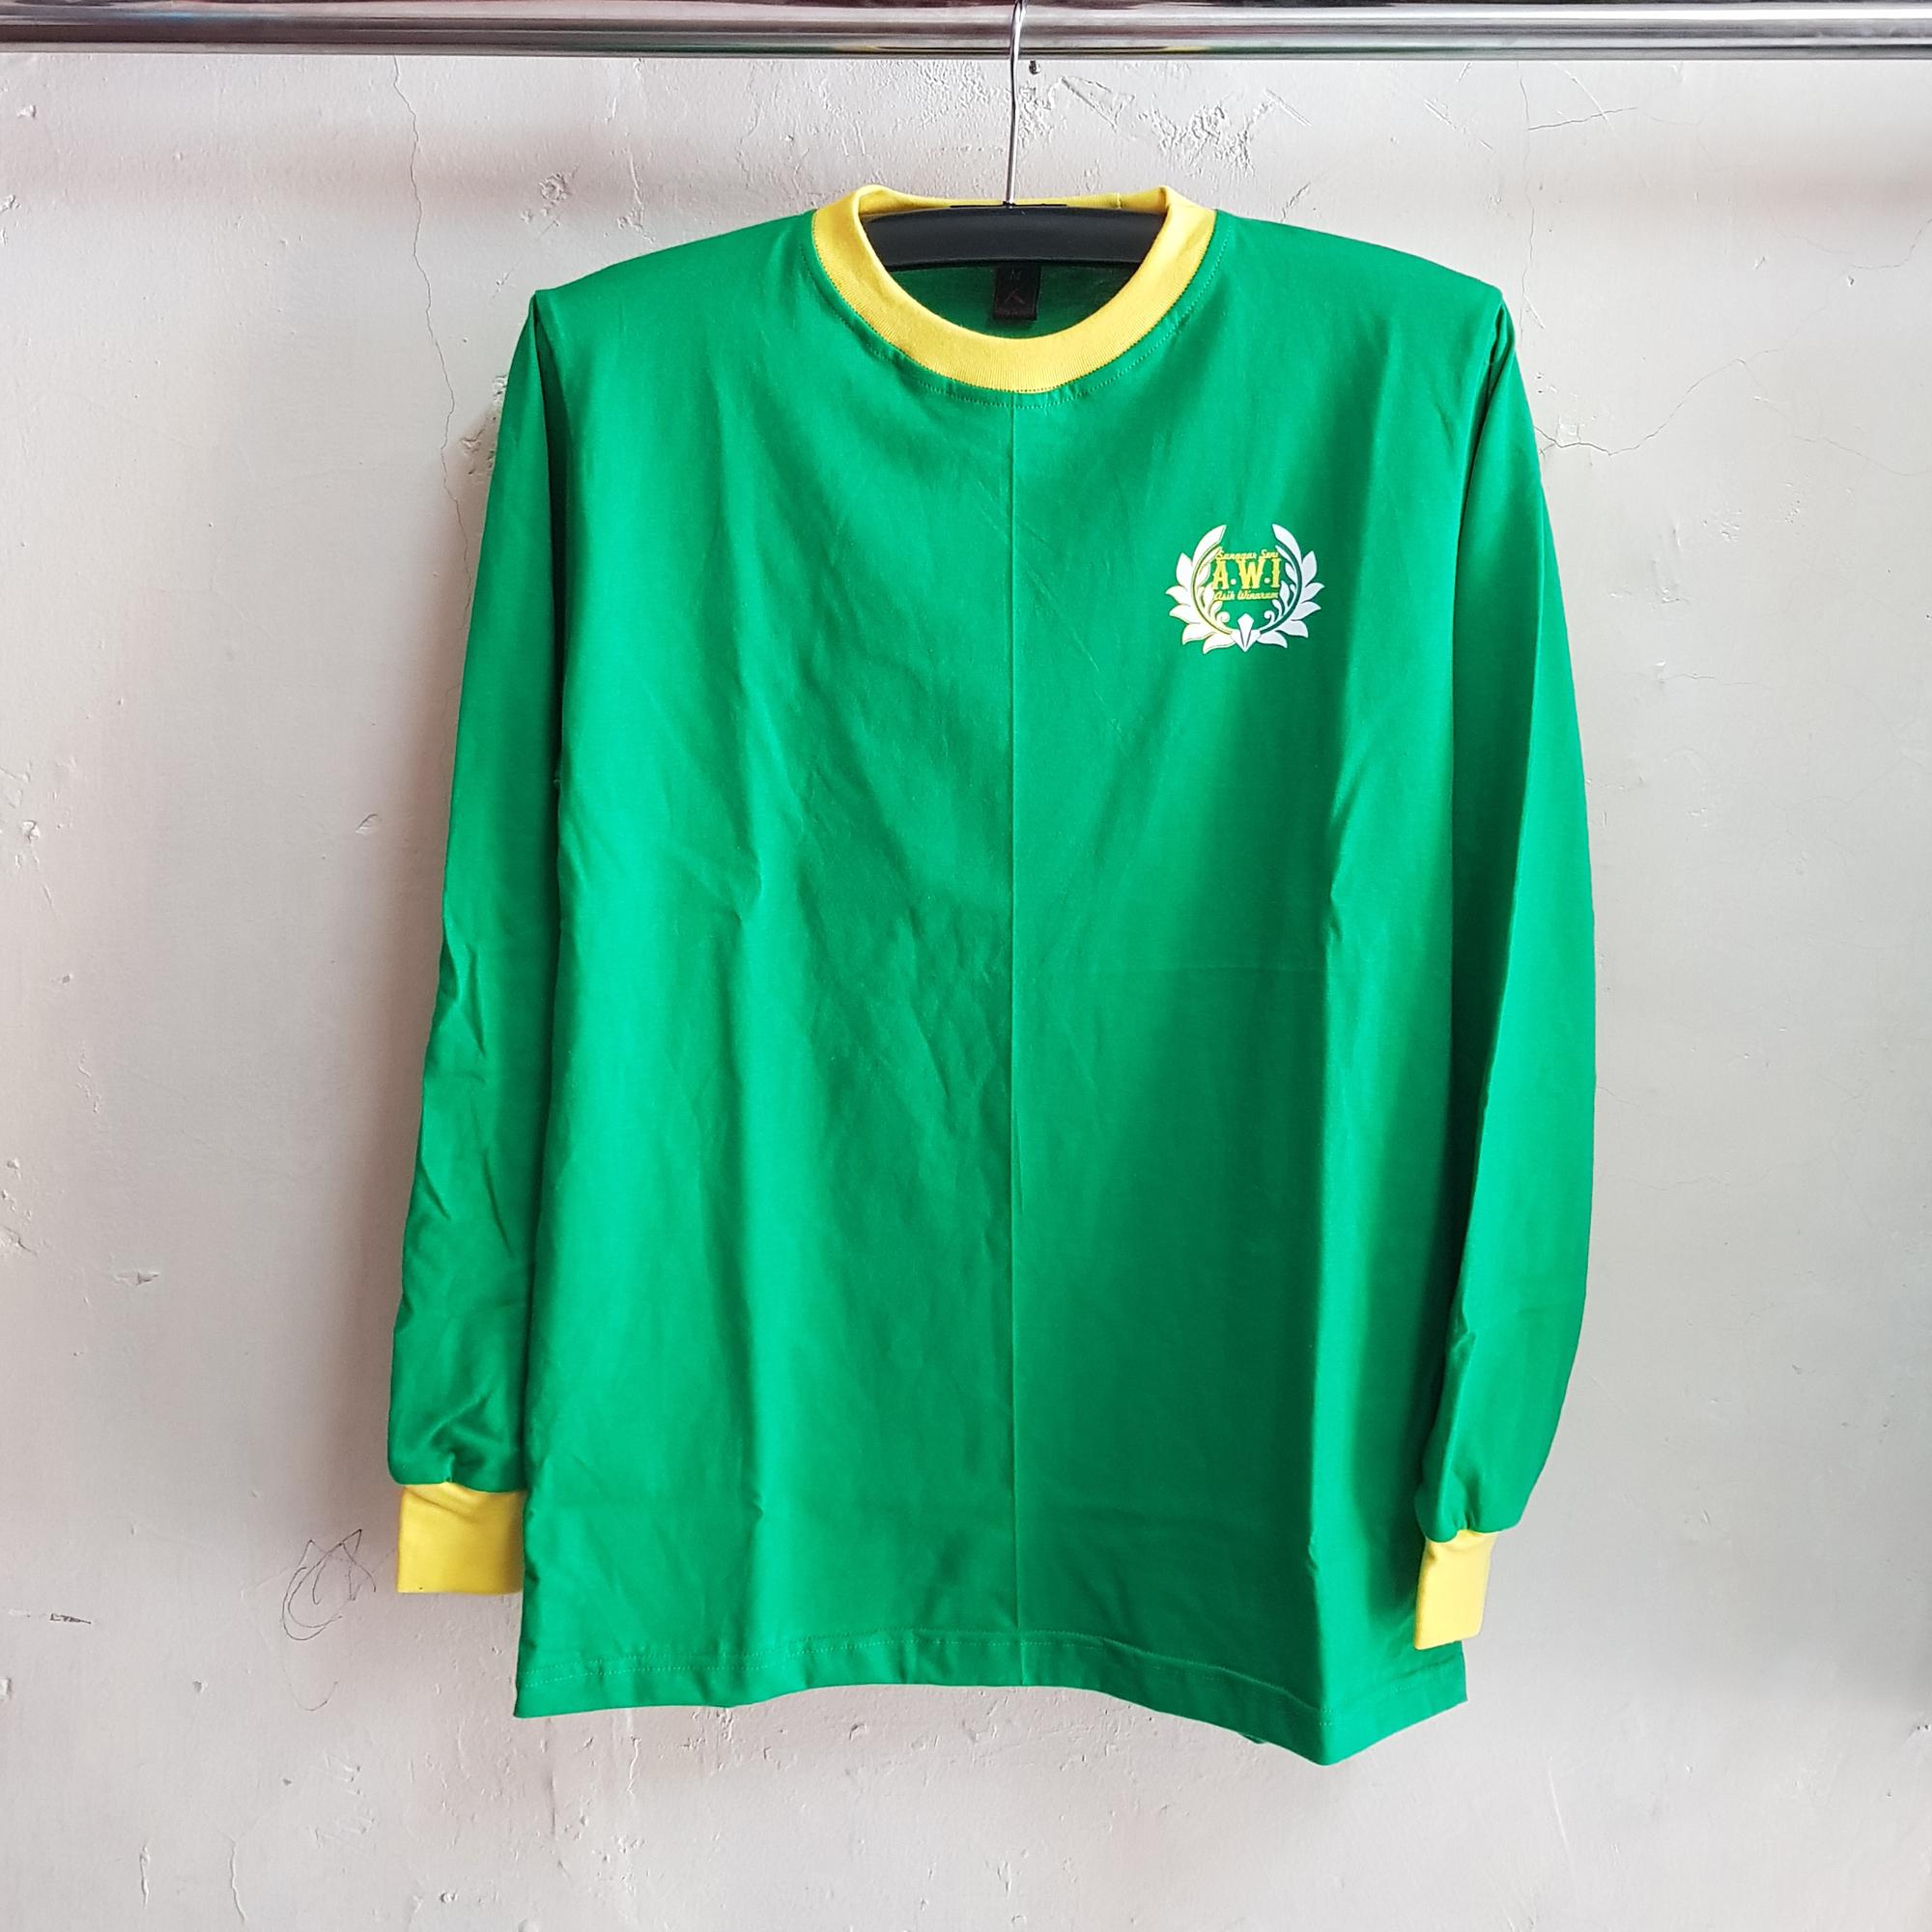 Kaos Cotton Lengan Panjang, Seragam Oblong